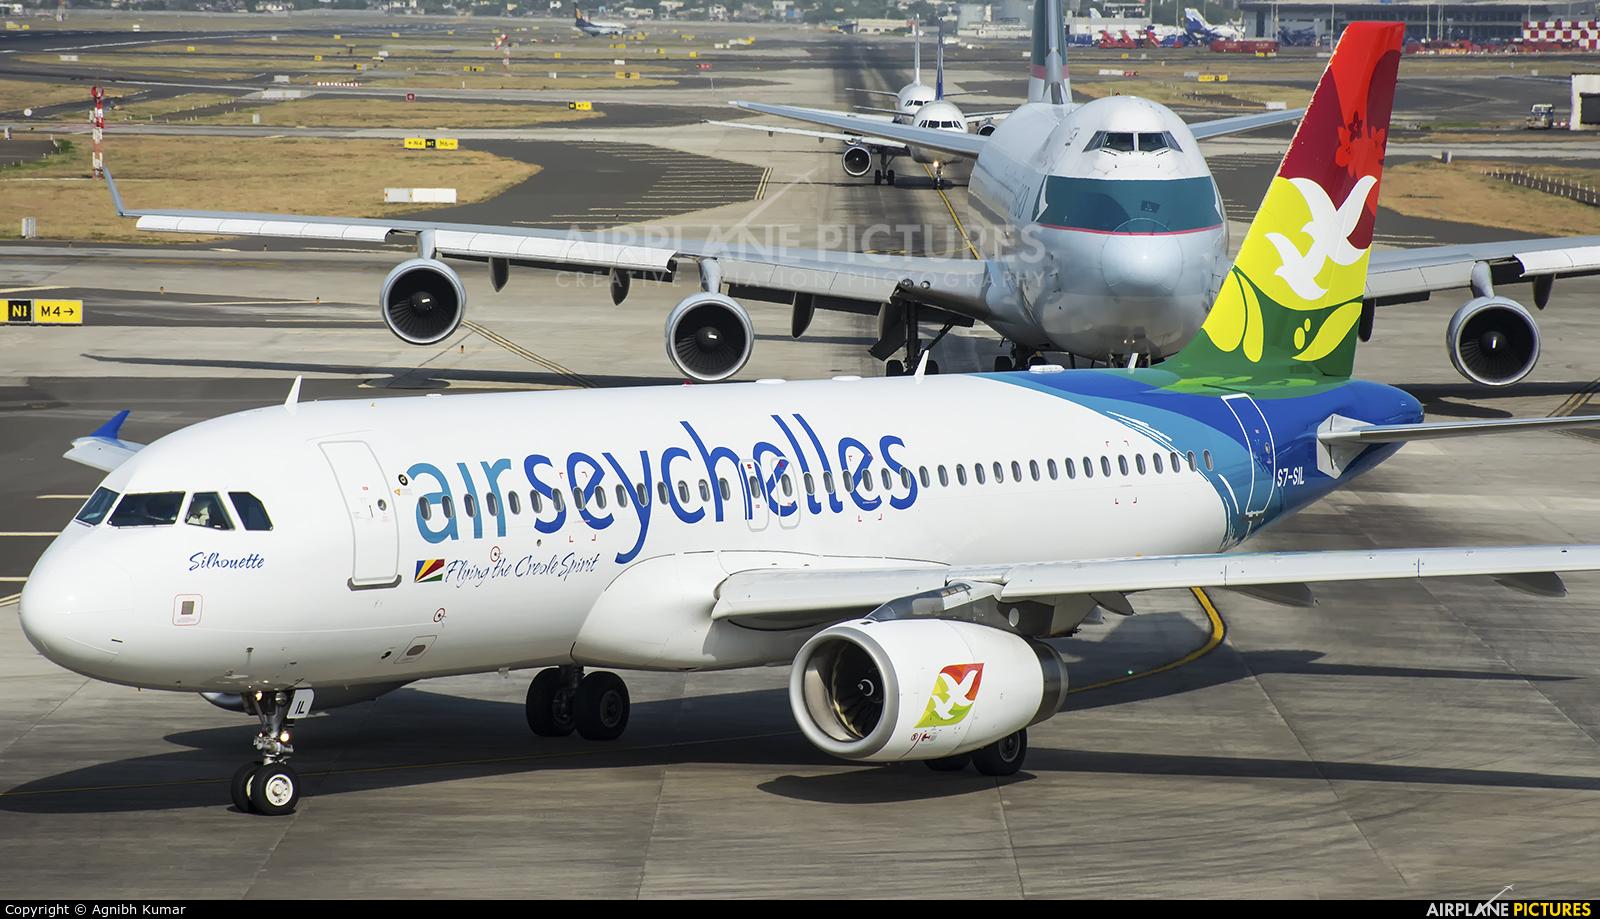 Air Seychelles S7-SIL aircraft at Mumbai - Chhatrapati Shivaji Intl